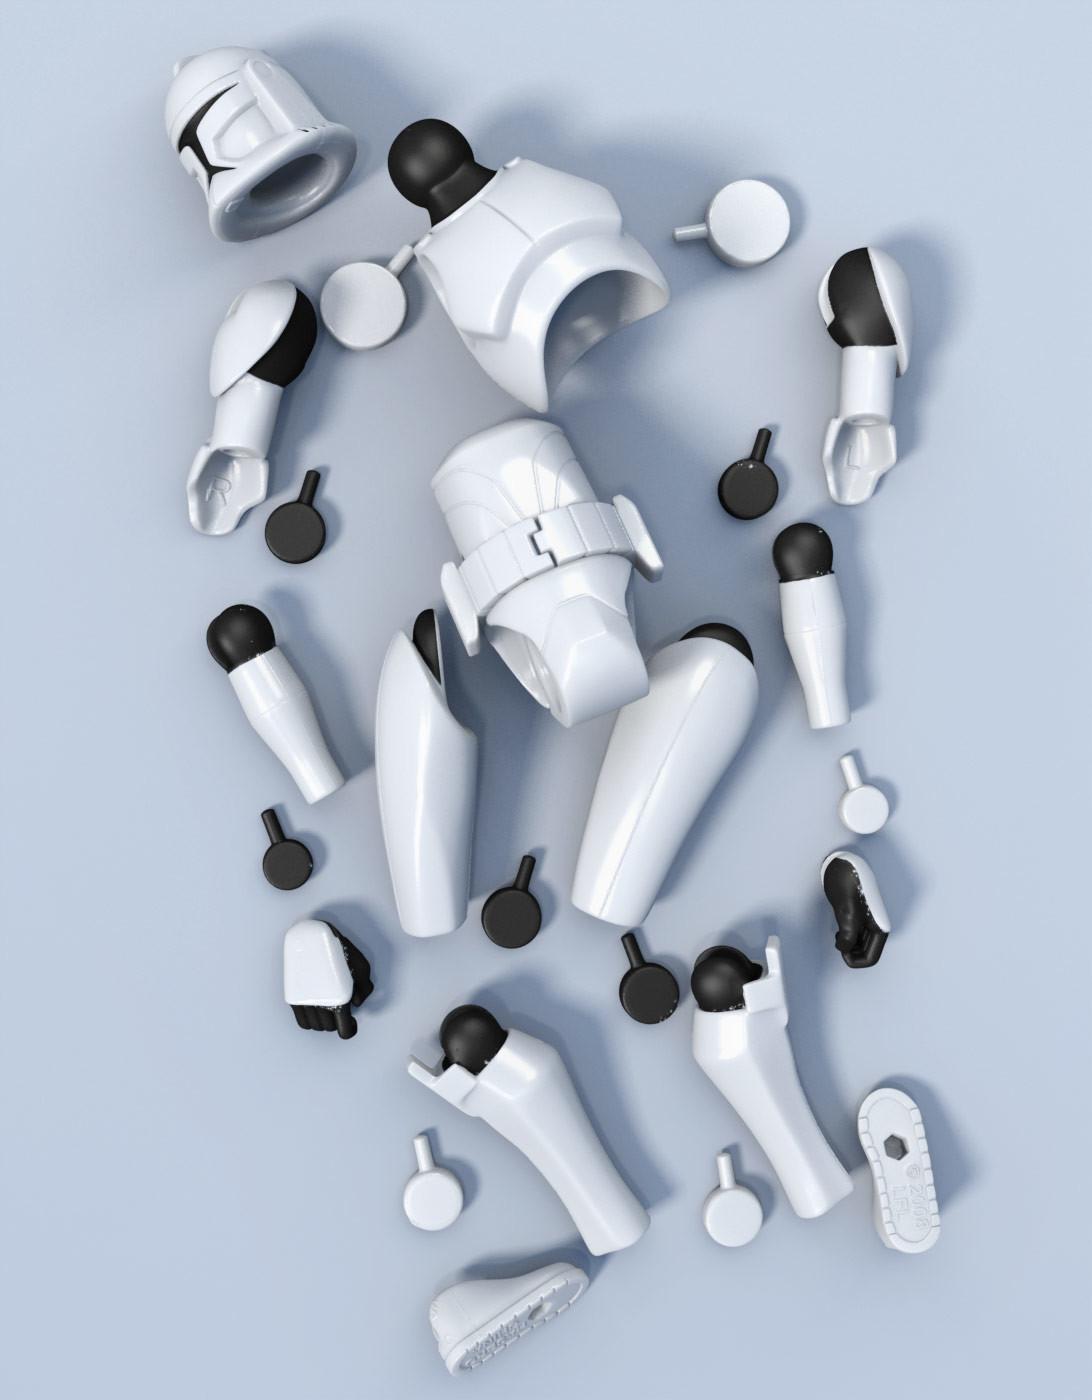 Zoltan korcsok clonetrooper parts